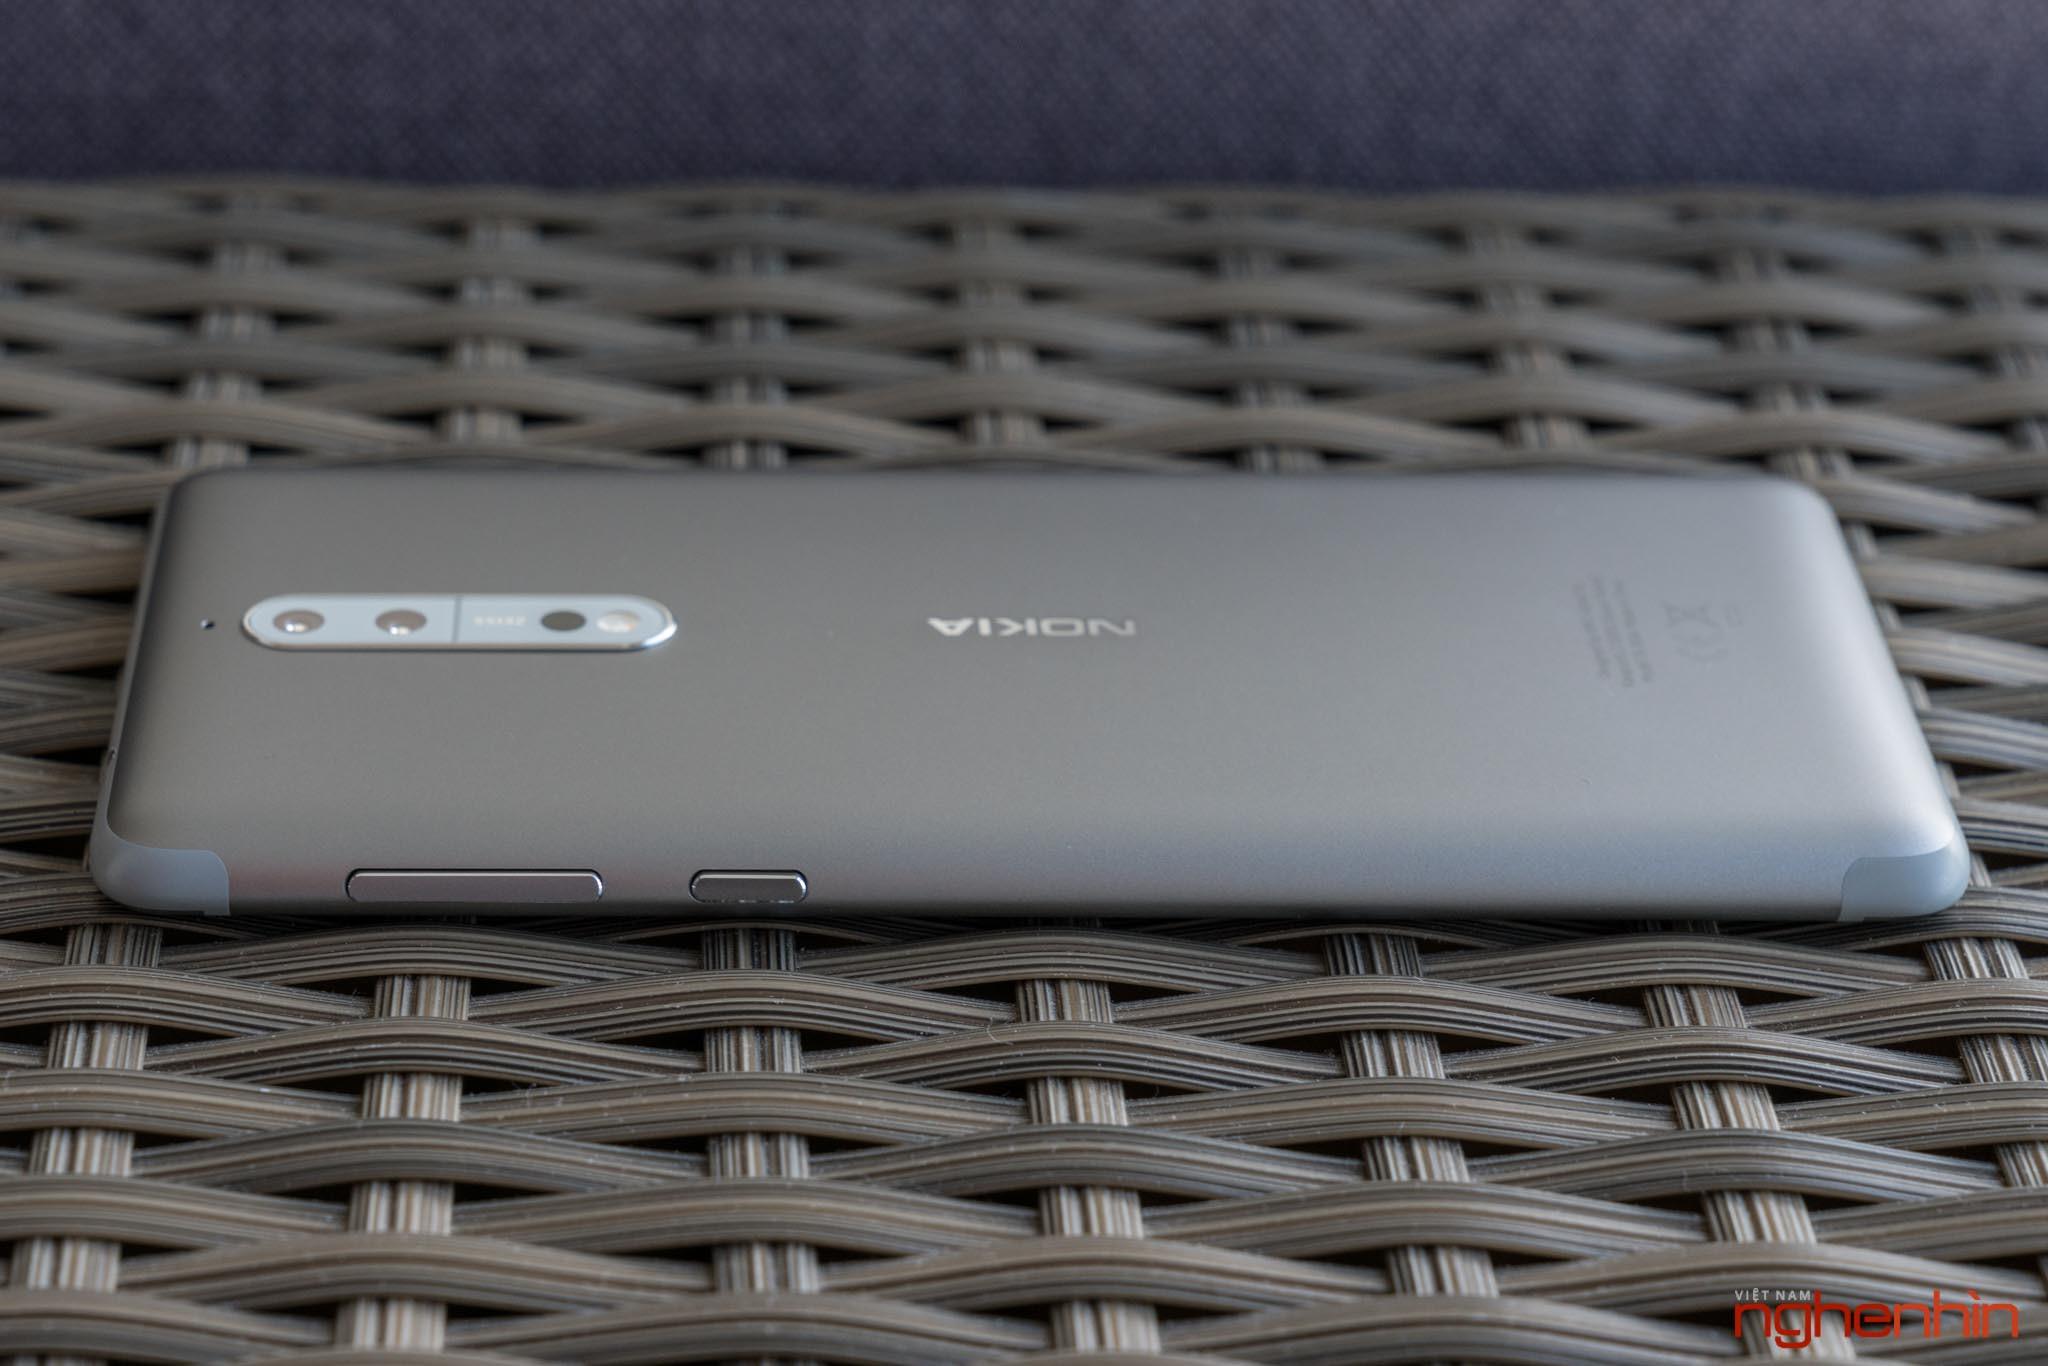 Mở hộp Nokia 8 chính hãng: hoàn thiện cao cấp, camera kép ống kính Zeiss ảnh 6